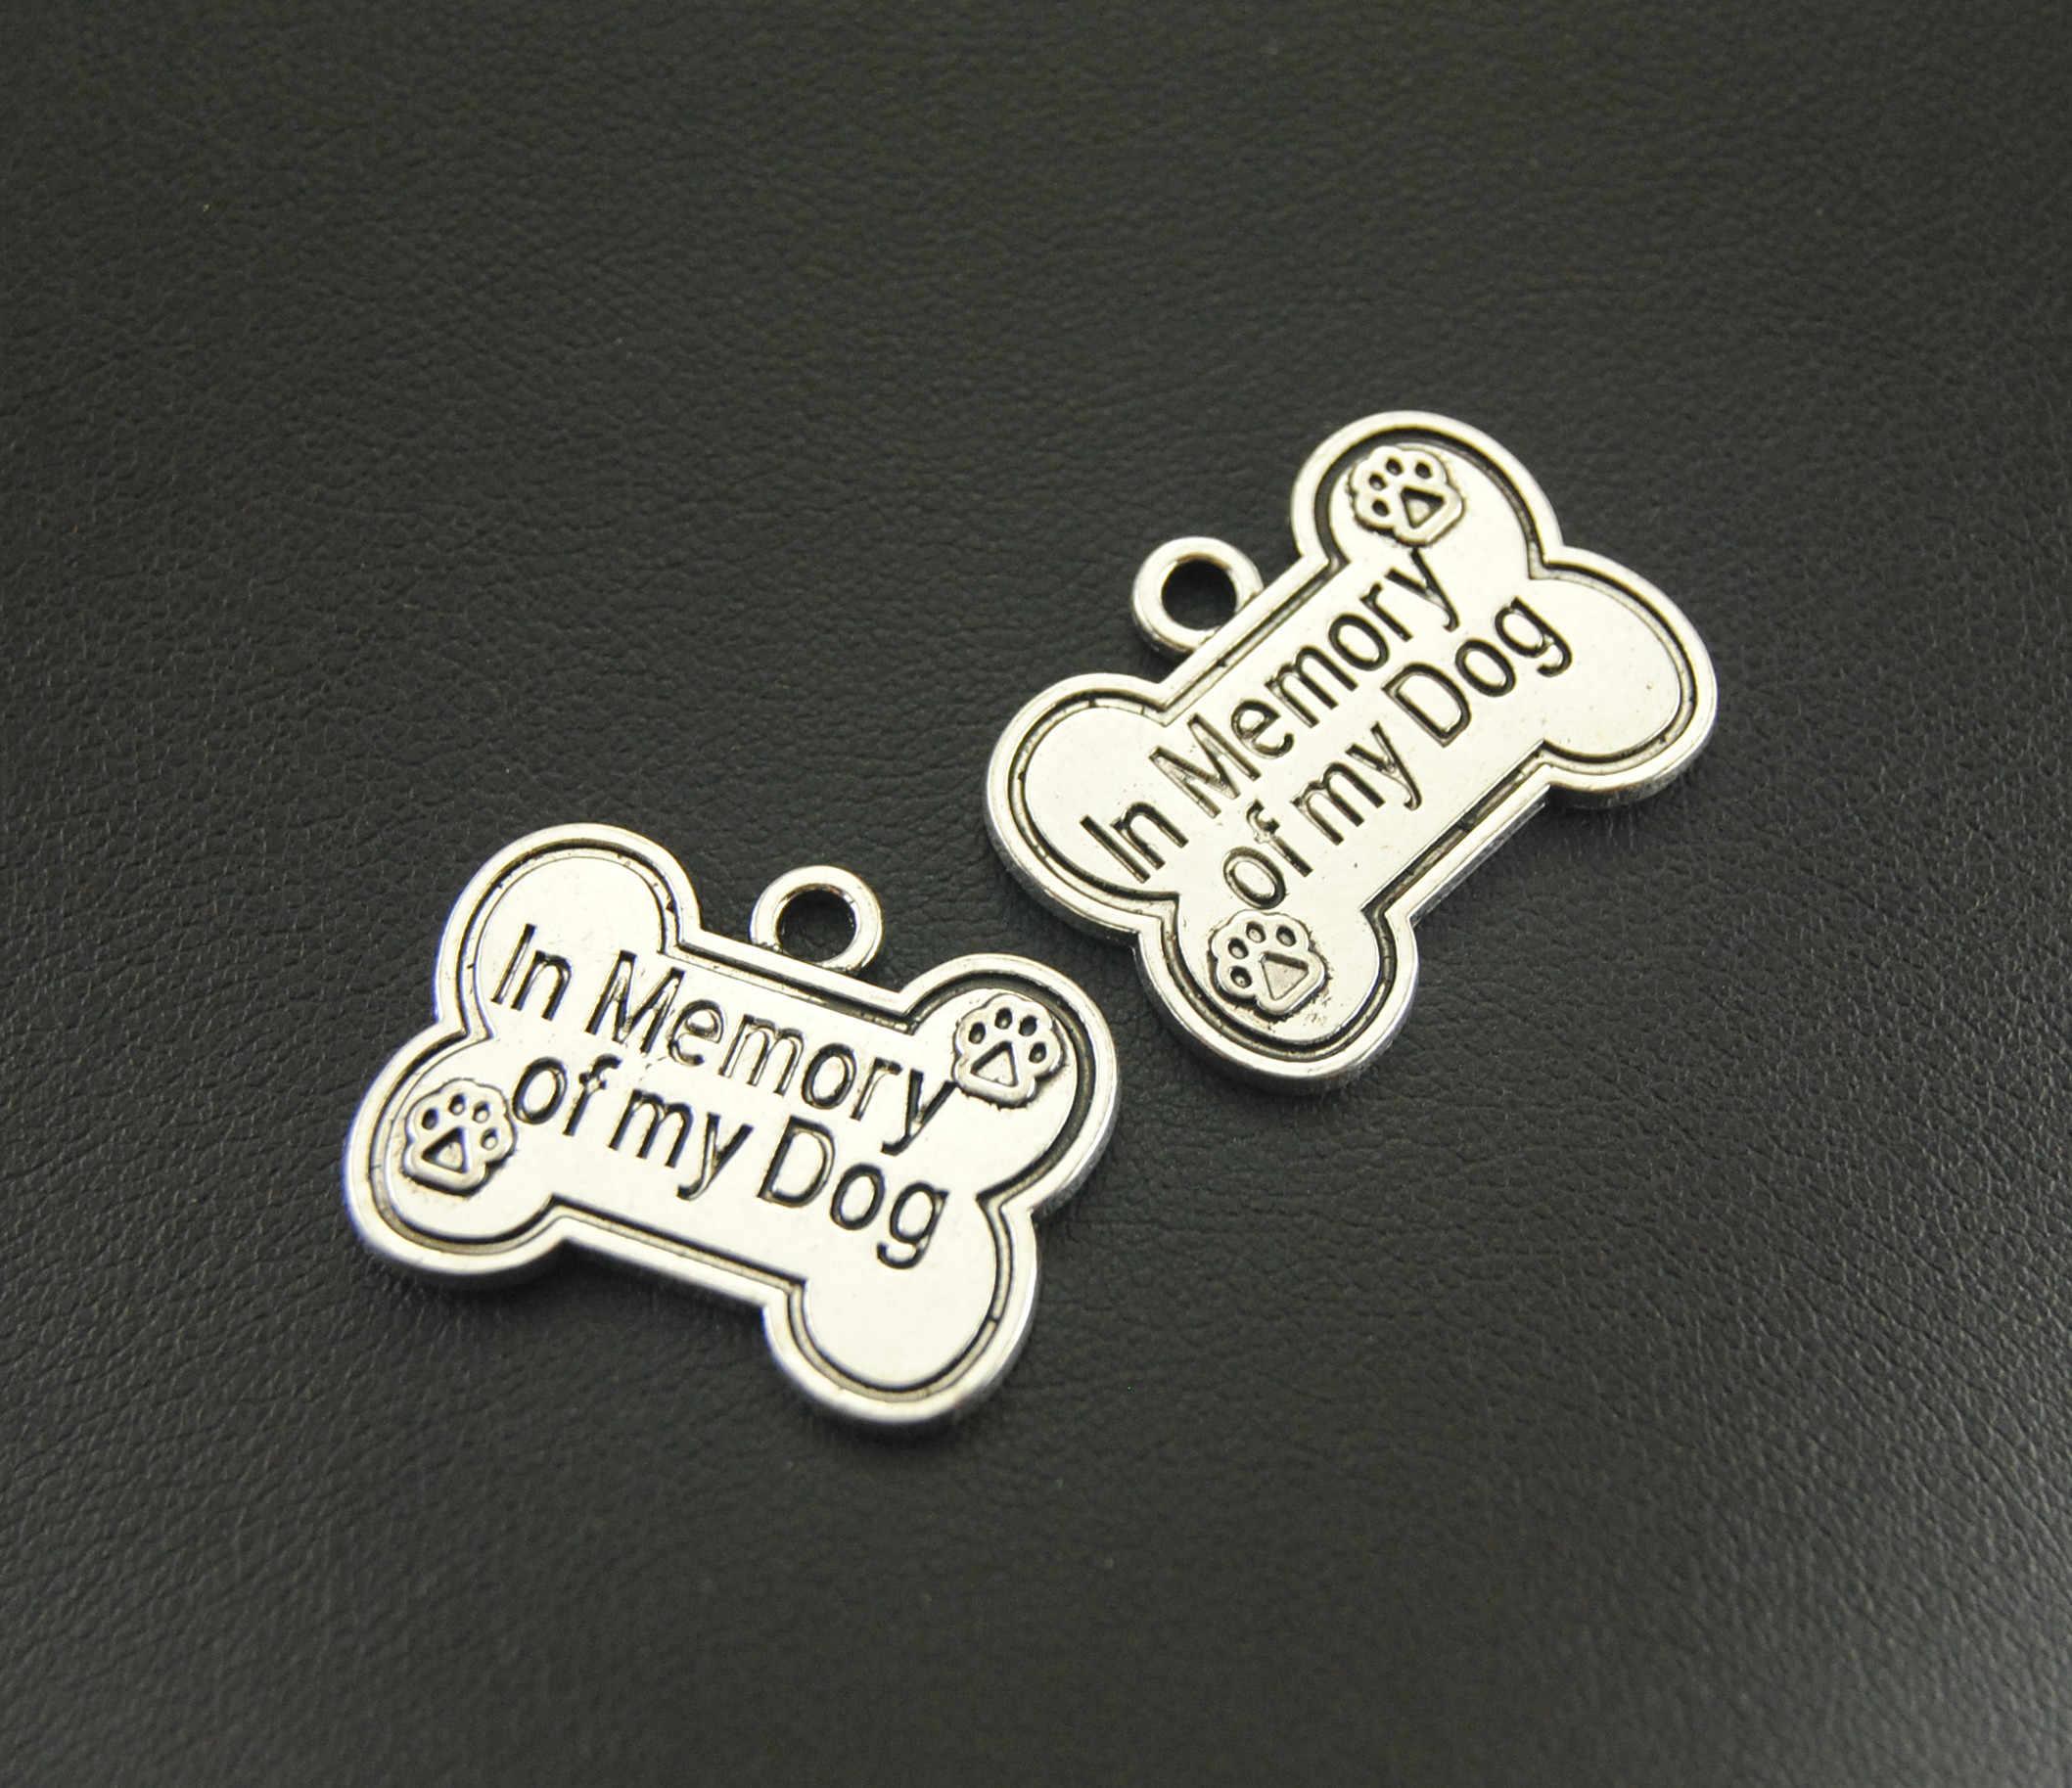 In Memory of my Dog Charm bone charm